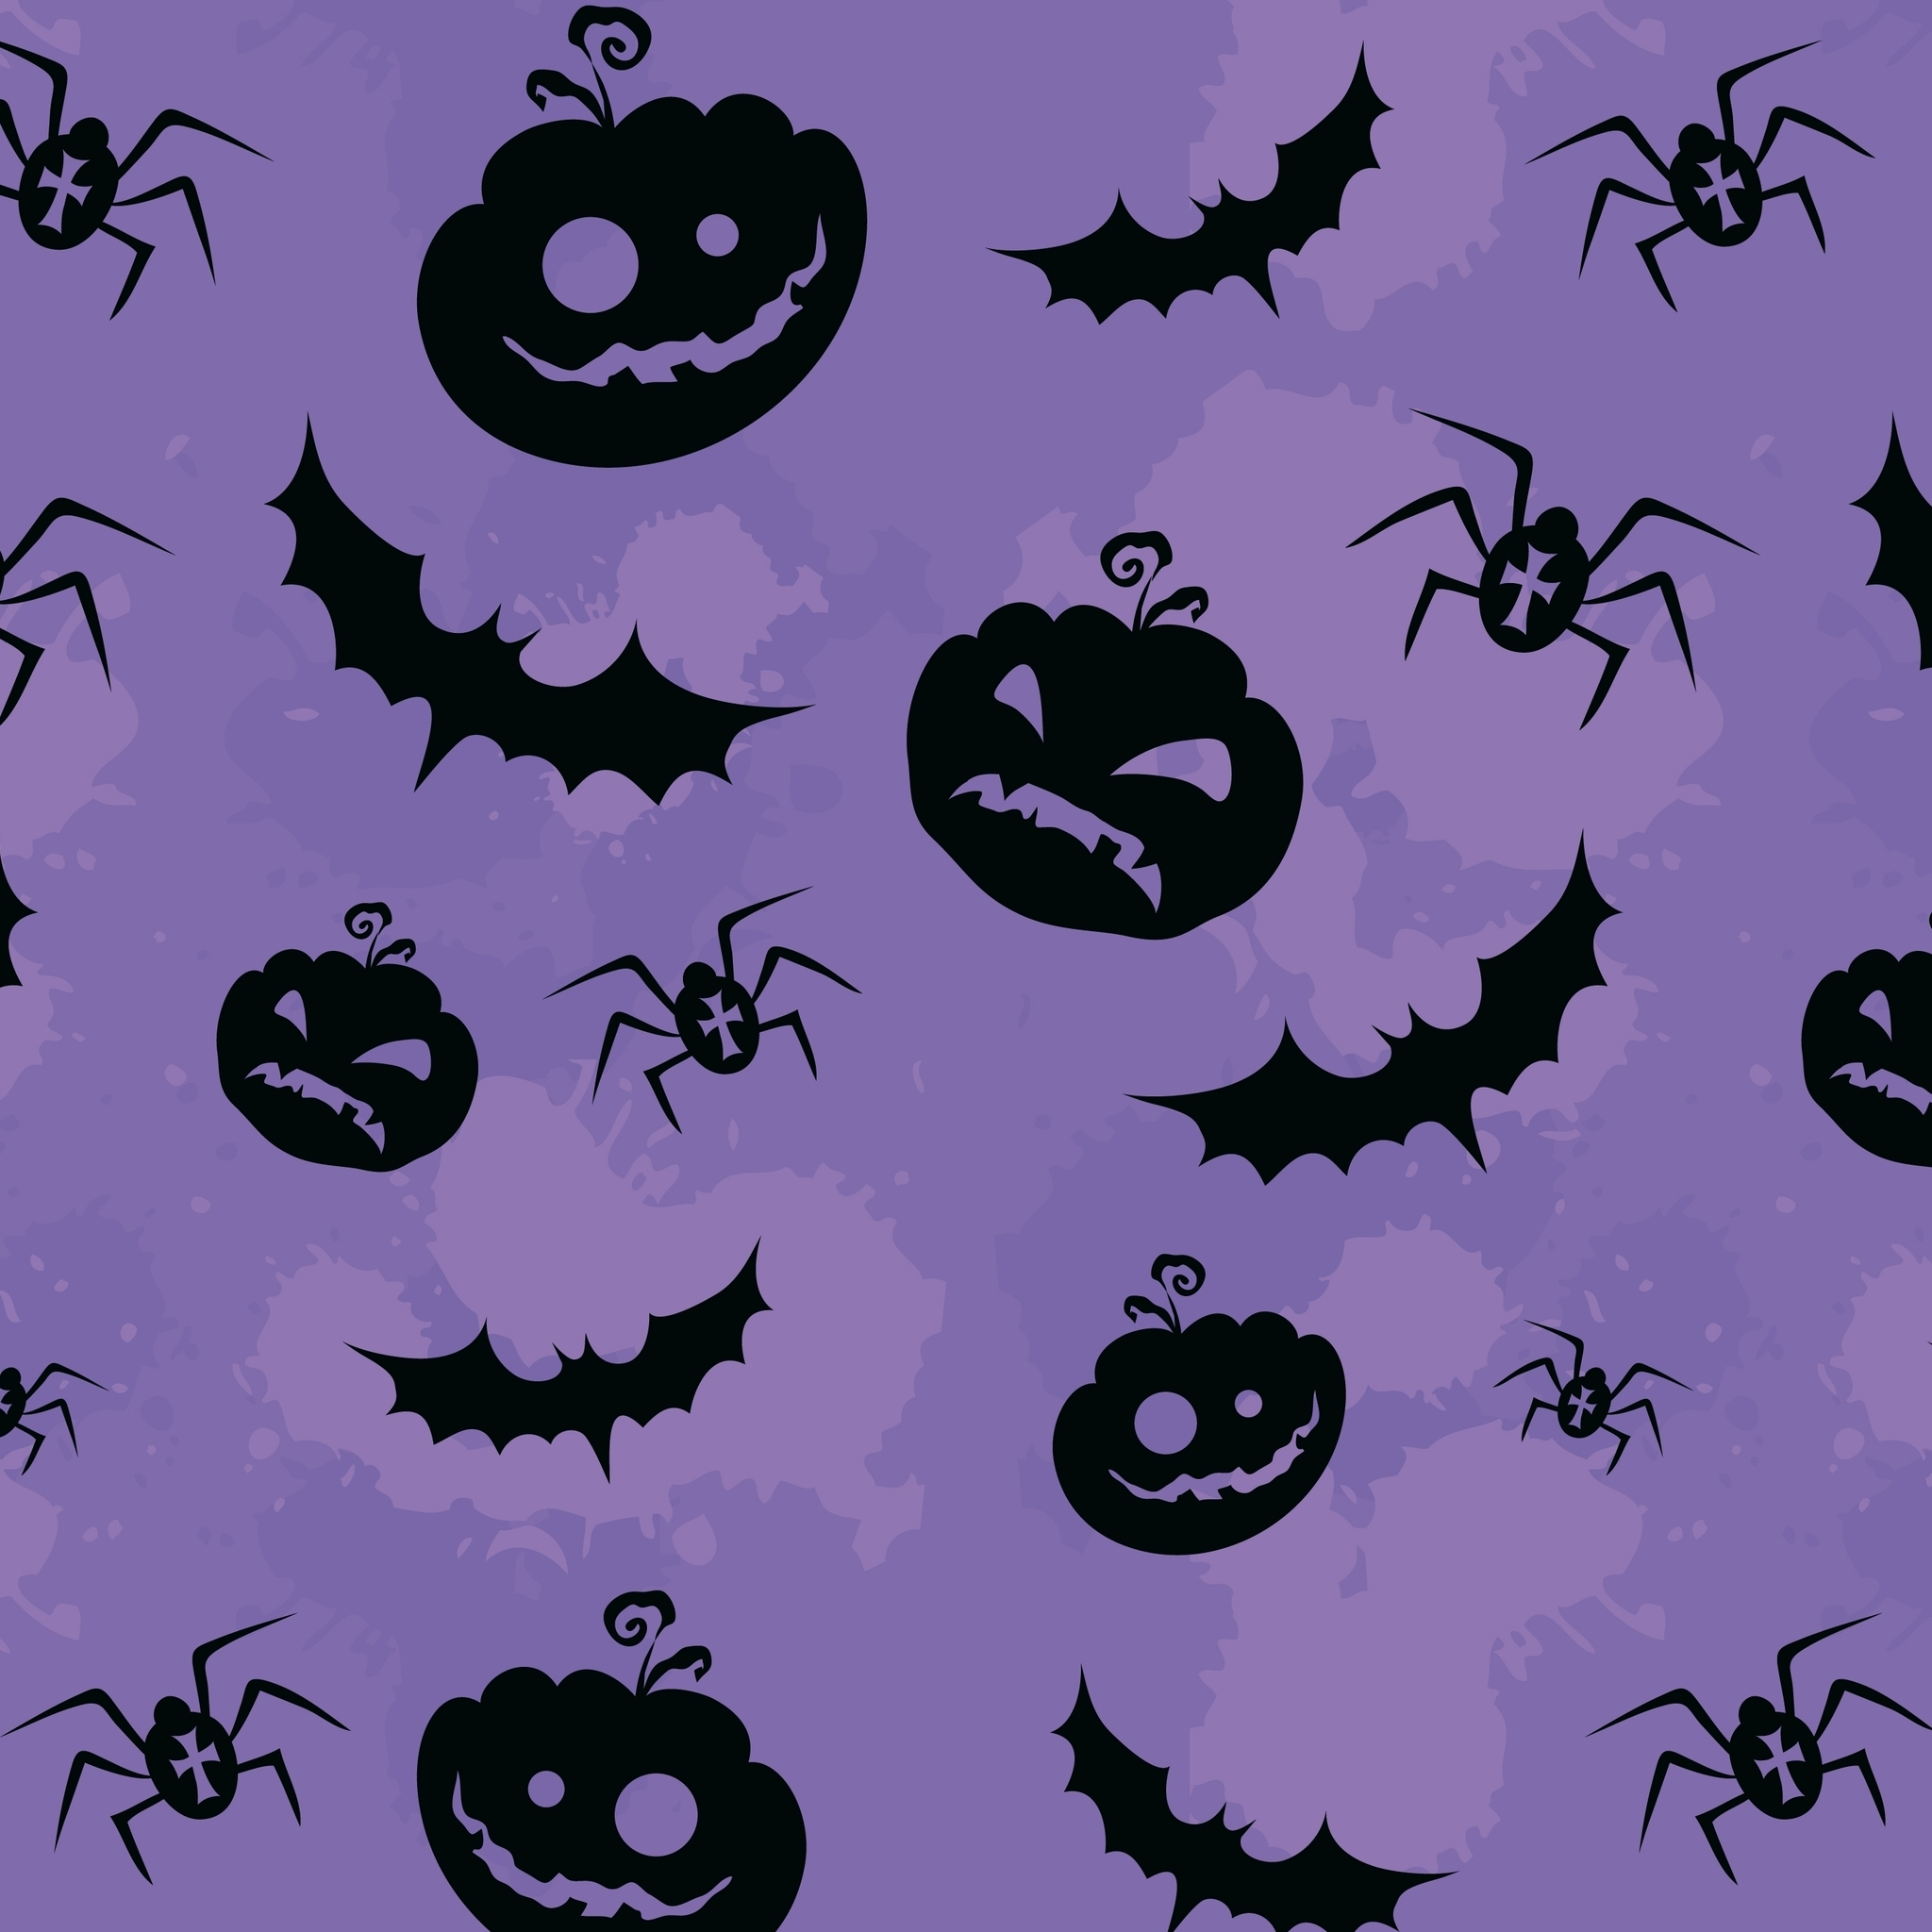 halloween-4k-background-yn.jpg